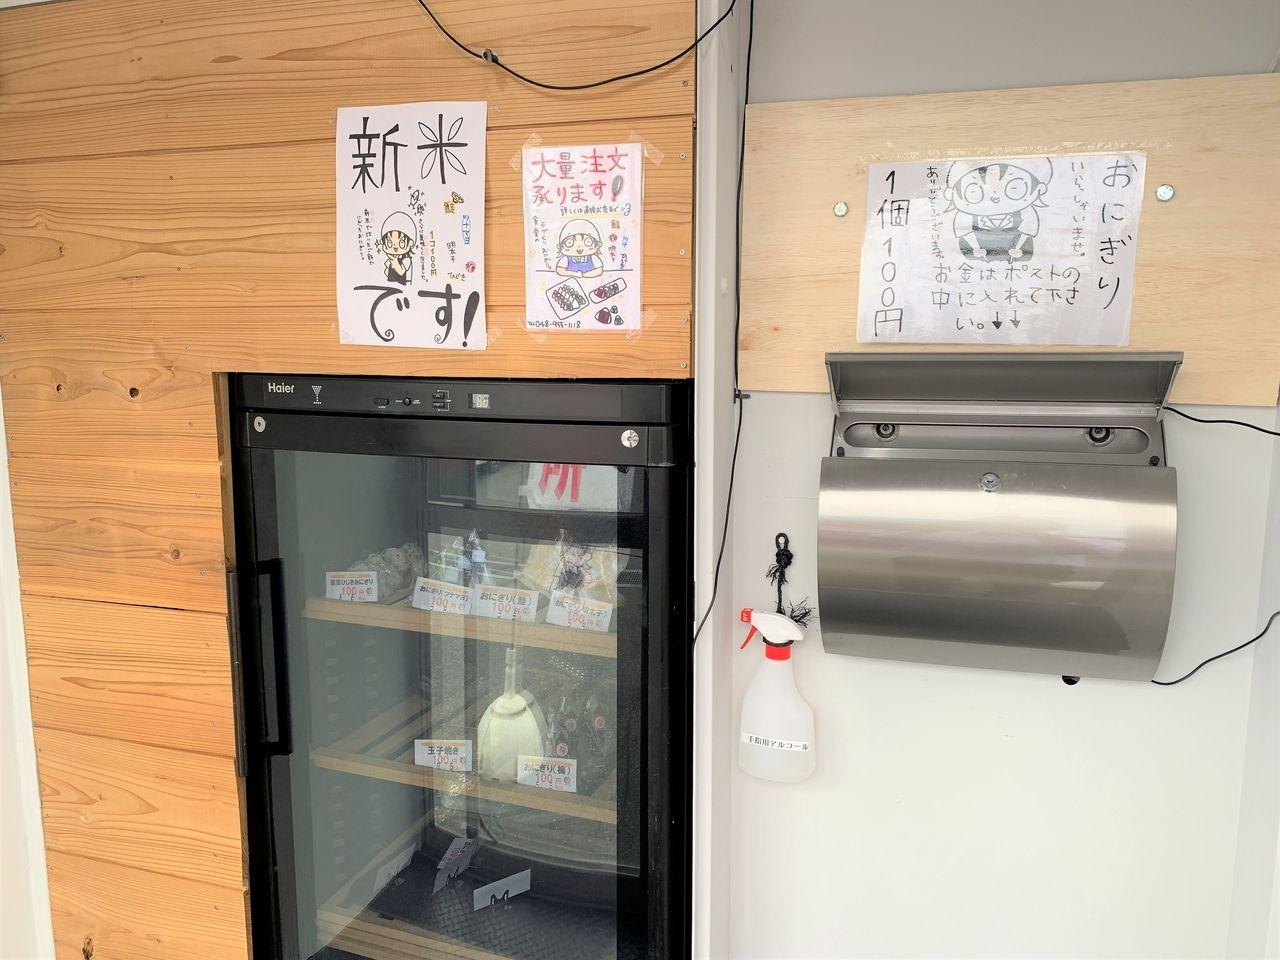 【三郷市食べ歩きブログ】三郷市鷹野3丁目の三郷たかの食堂の駐車場に出来た「無人おにぎり」販売所へ行ってきました!